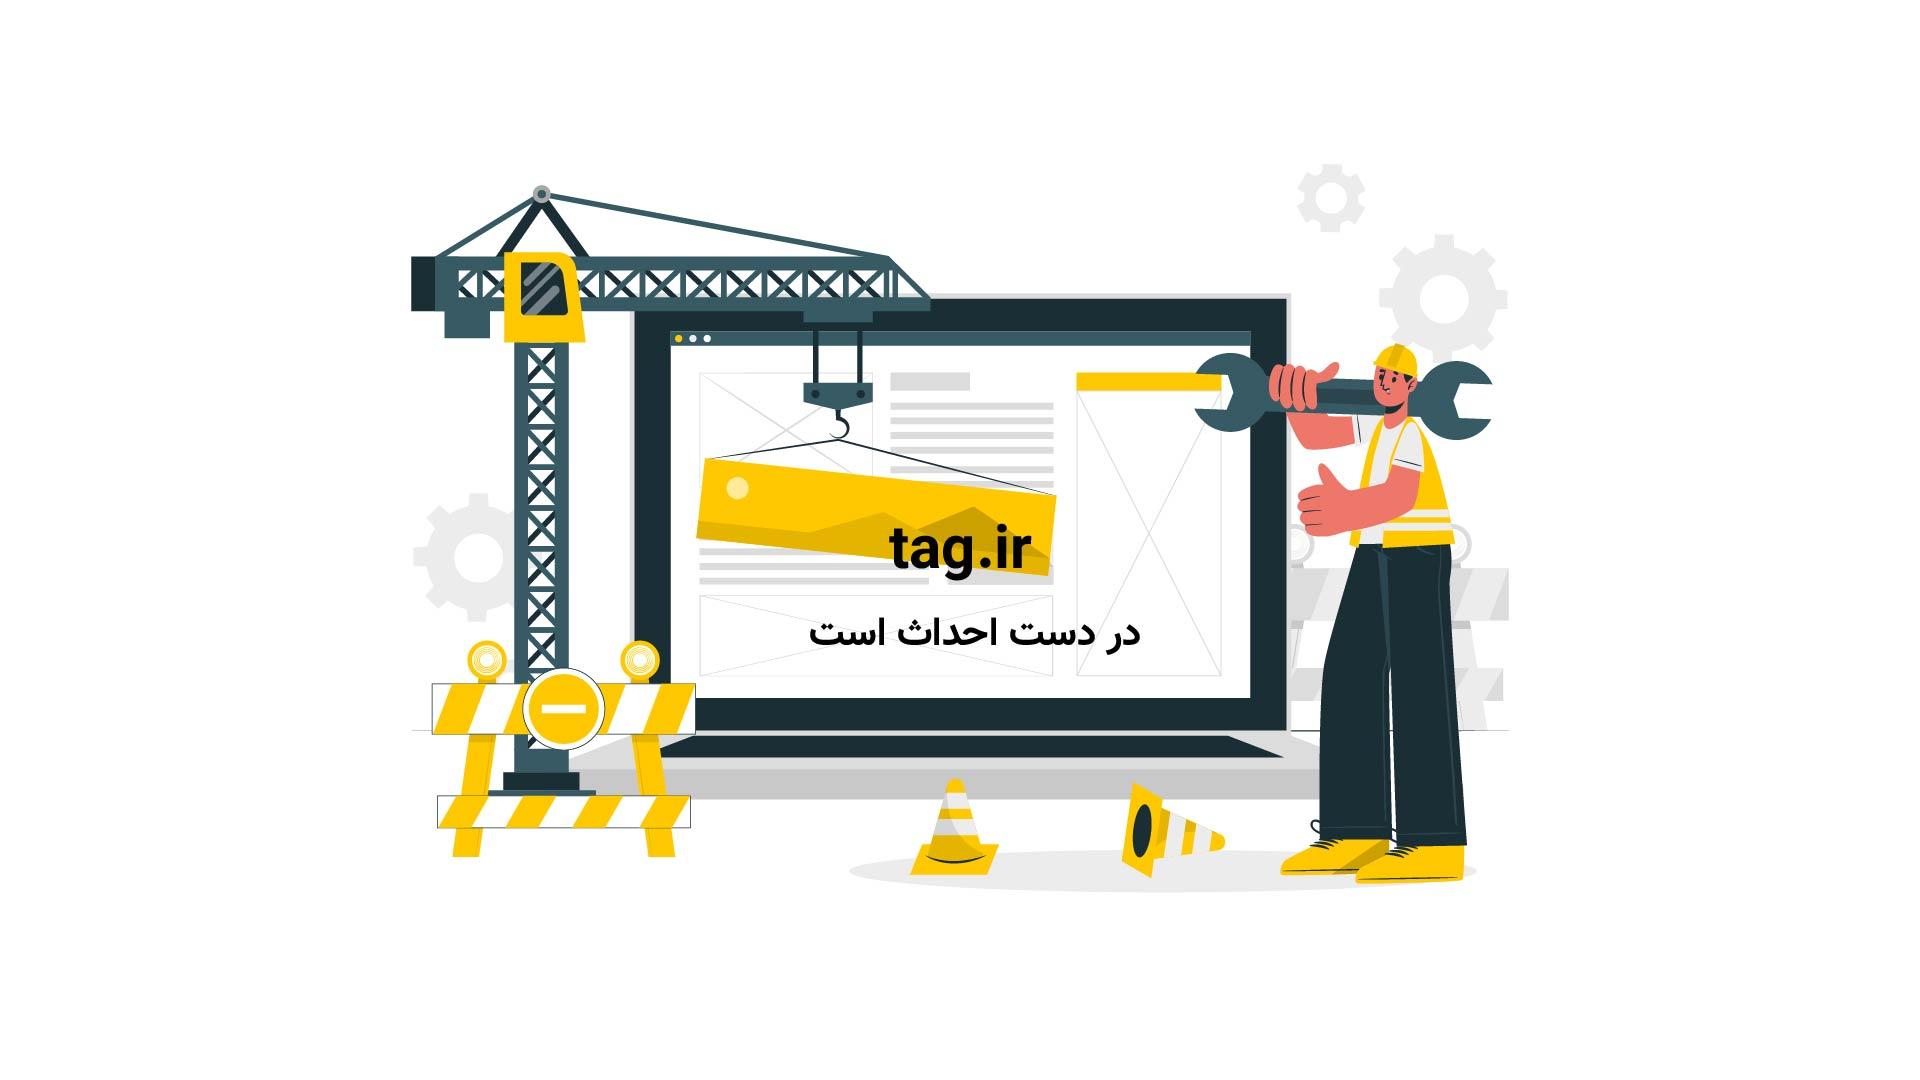 پیکر هاشمی رفسنجانی مرقد امام خمینی | تگ